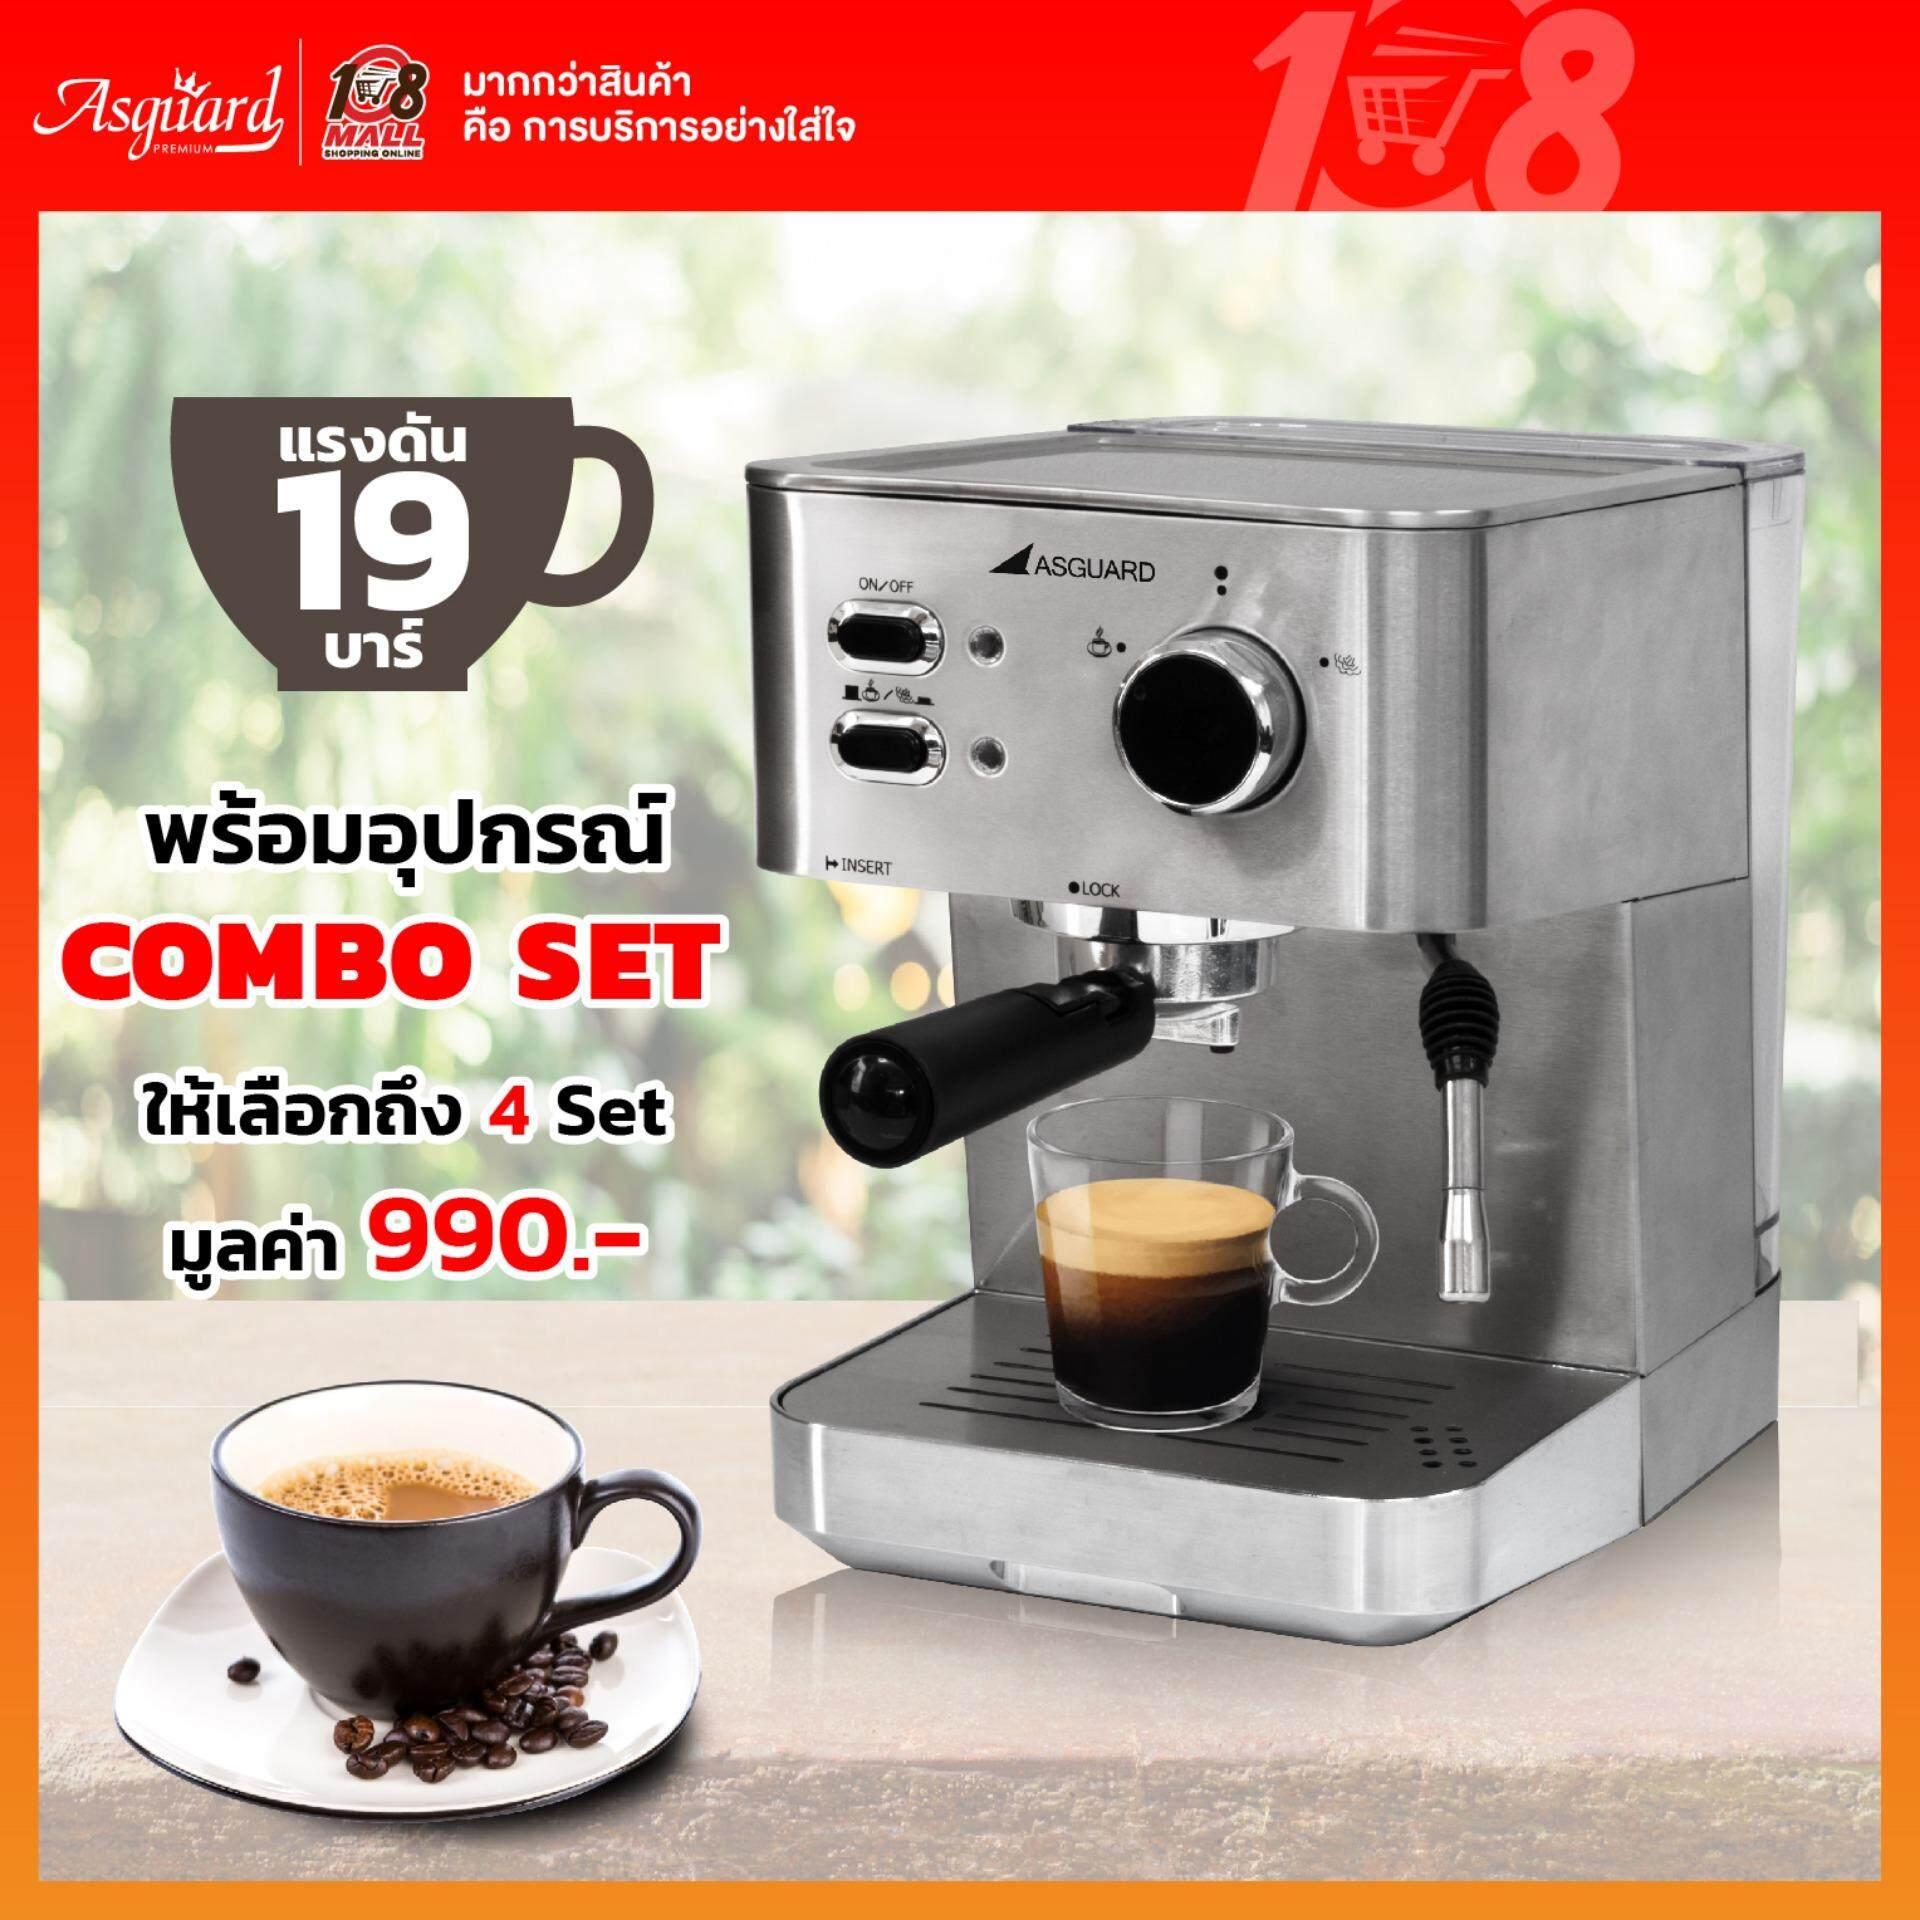 ASGUARD เครื่องชงกาแฟสด รุ่น C2000S  - 529214c92f56abd7088a885317fd4a45 - วิธีตั้งระดับน้ำ เครื่องชงกาแฟสดรุ่น Trusher-3200